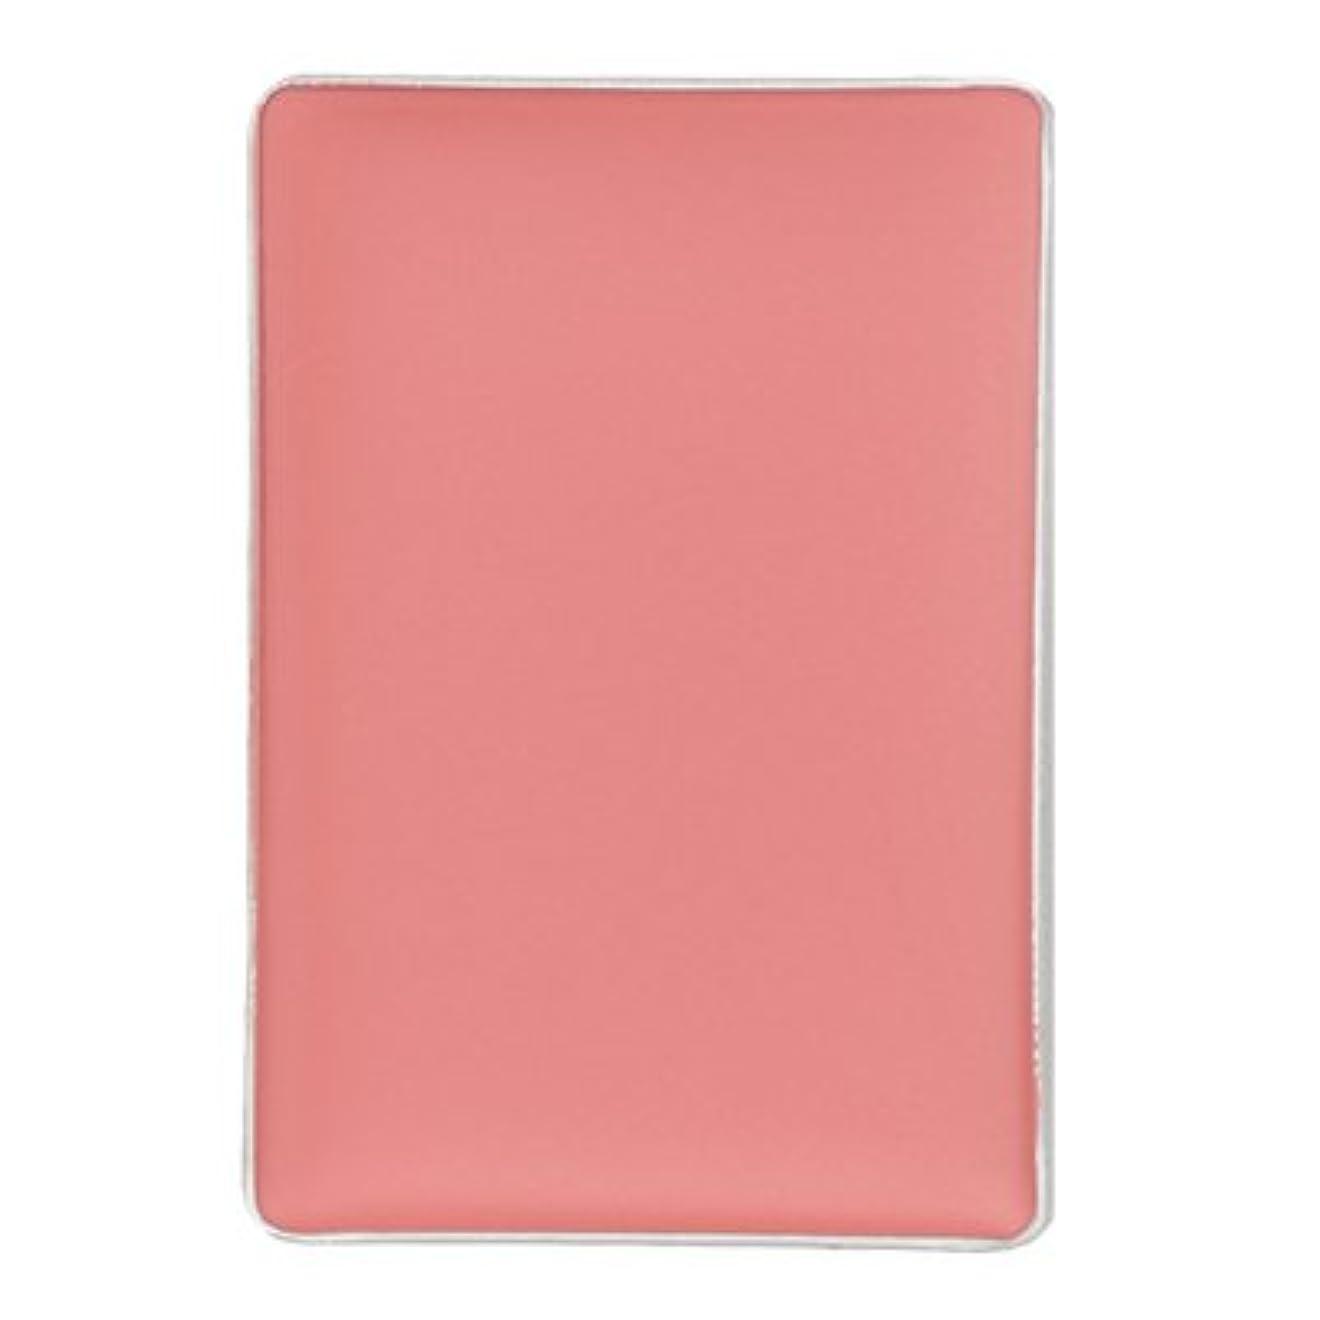 すでに選択する変装したかづきれいこ ハードファンデーション影セット(リフィル) ピンク<影2>